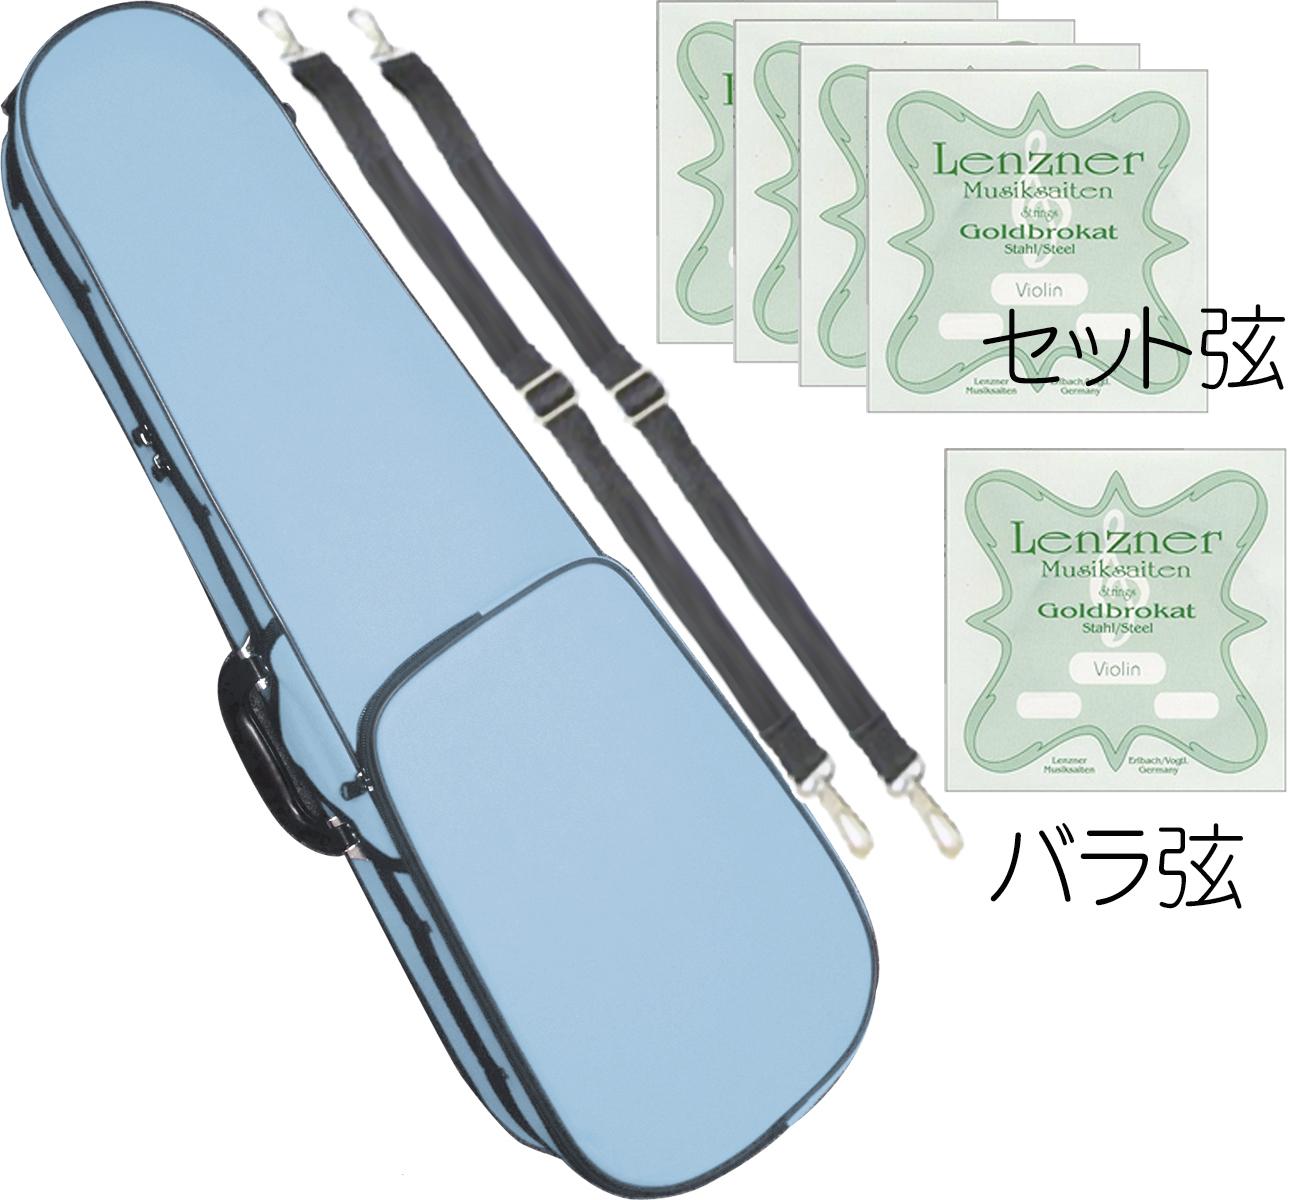 CarloGiordano ( カルロジョルダーノ ) TRC-100C ライトブルー 水色 8分の1 バイオリンケース リュックタイプ セミハードケース ケース violin case 【 TRC100C 1/8 SBL 0.26ボール】